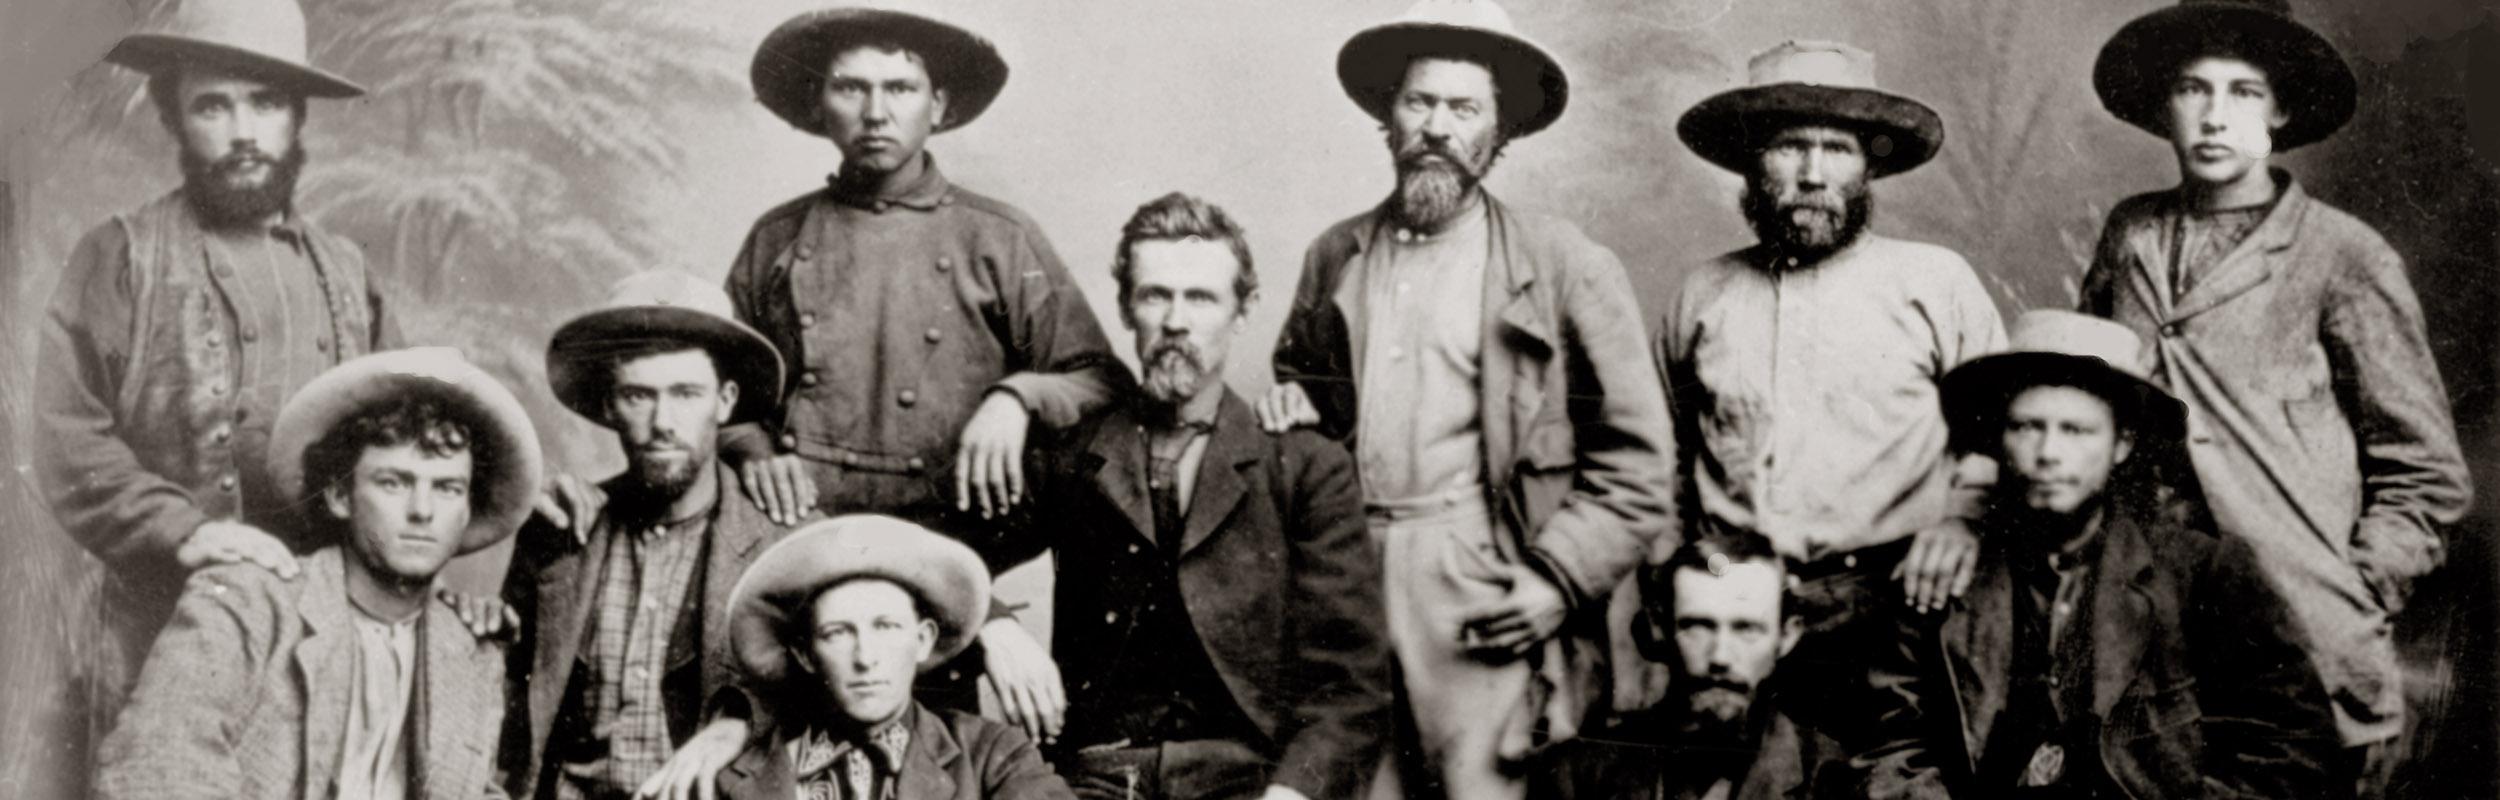 Agr Cowboys-1